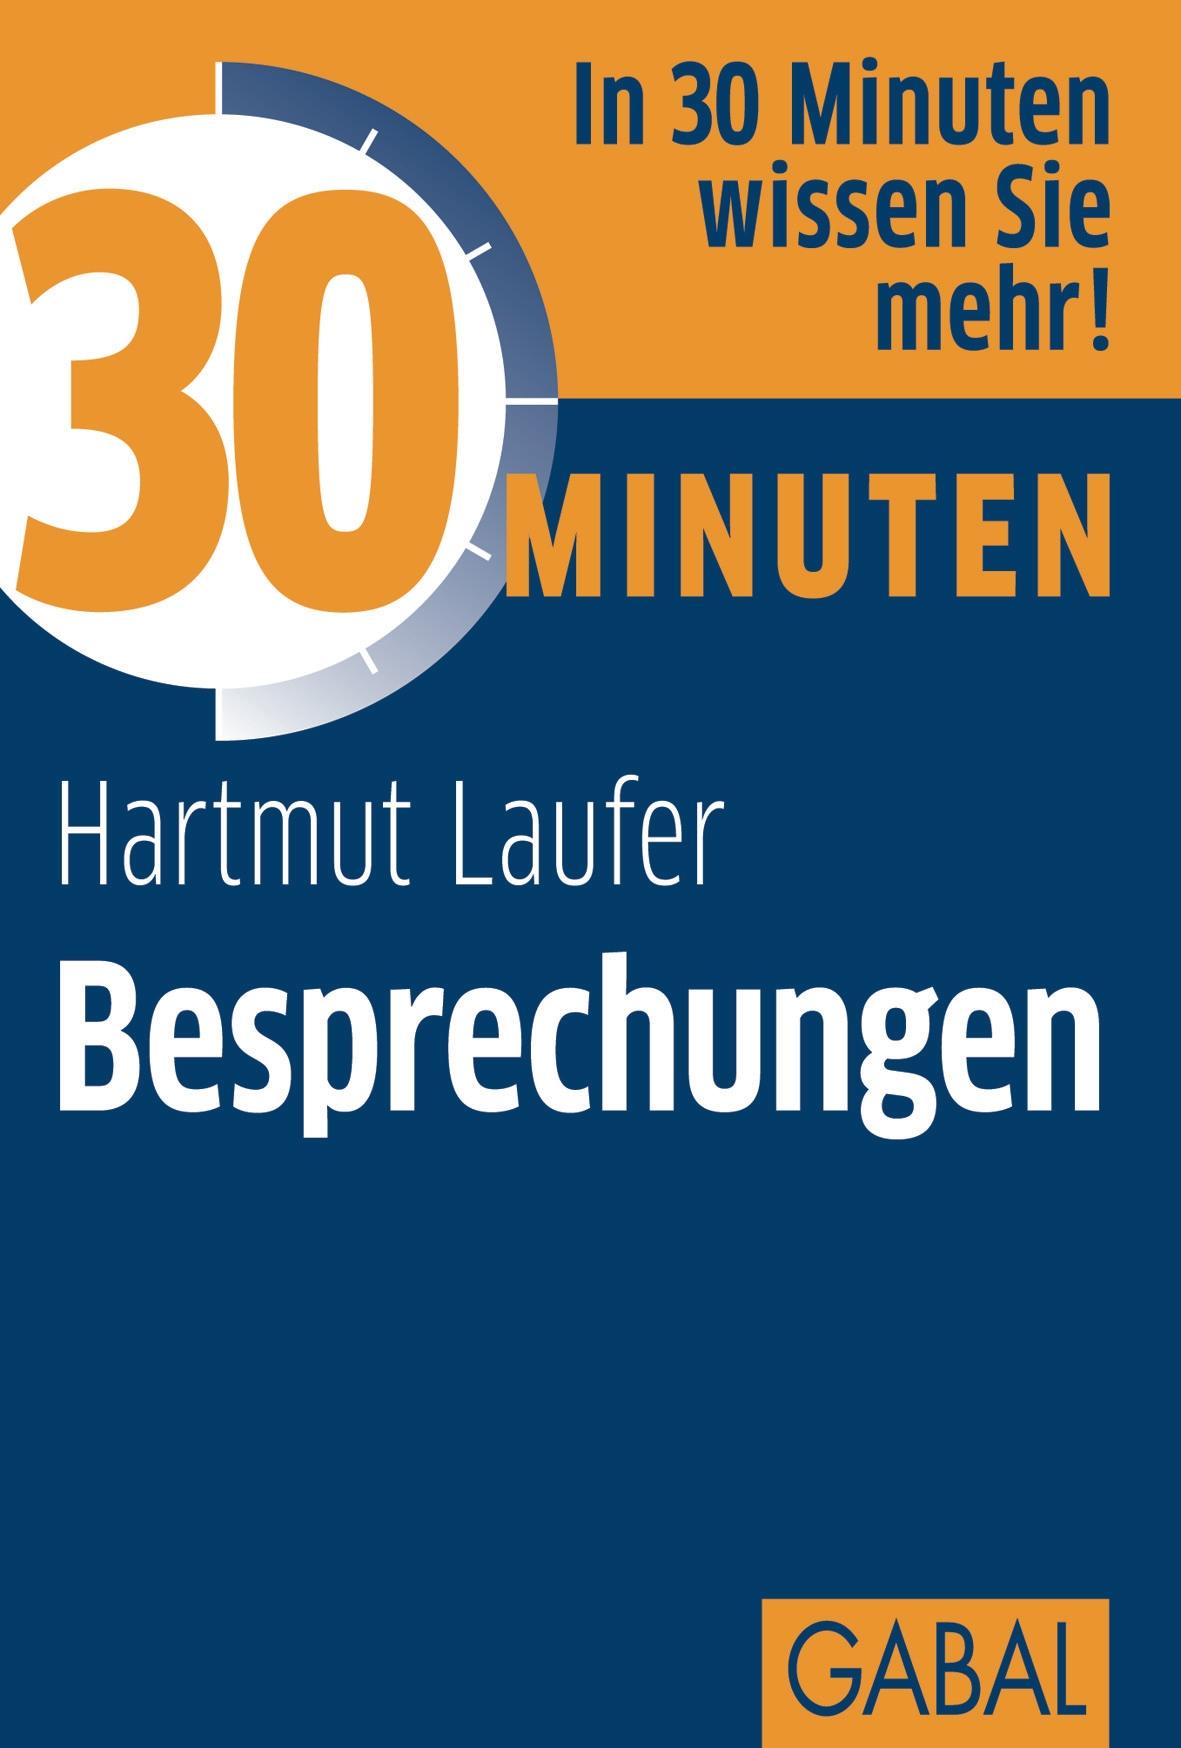 Hartmut Laufer 30 Minuten Besprechungen joachim skambraks 30 minuten elevator pitch